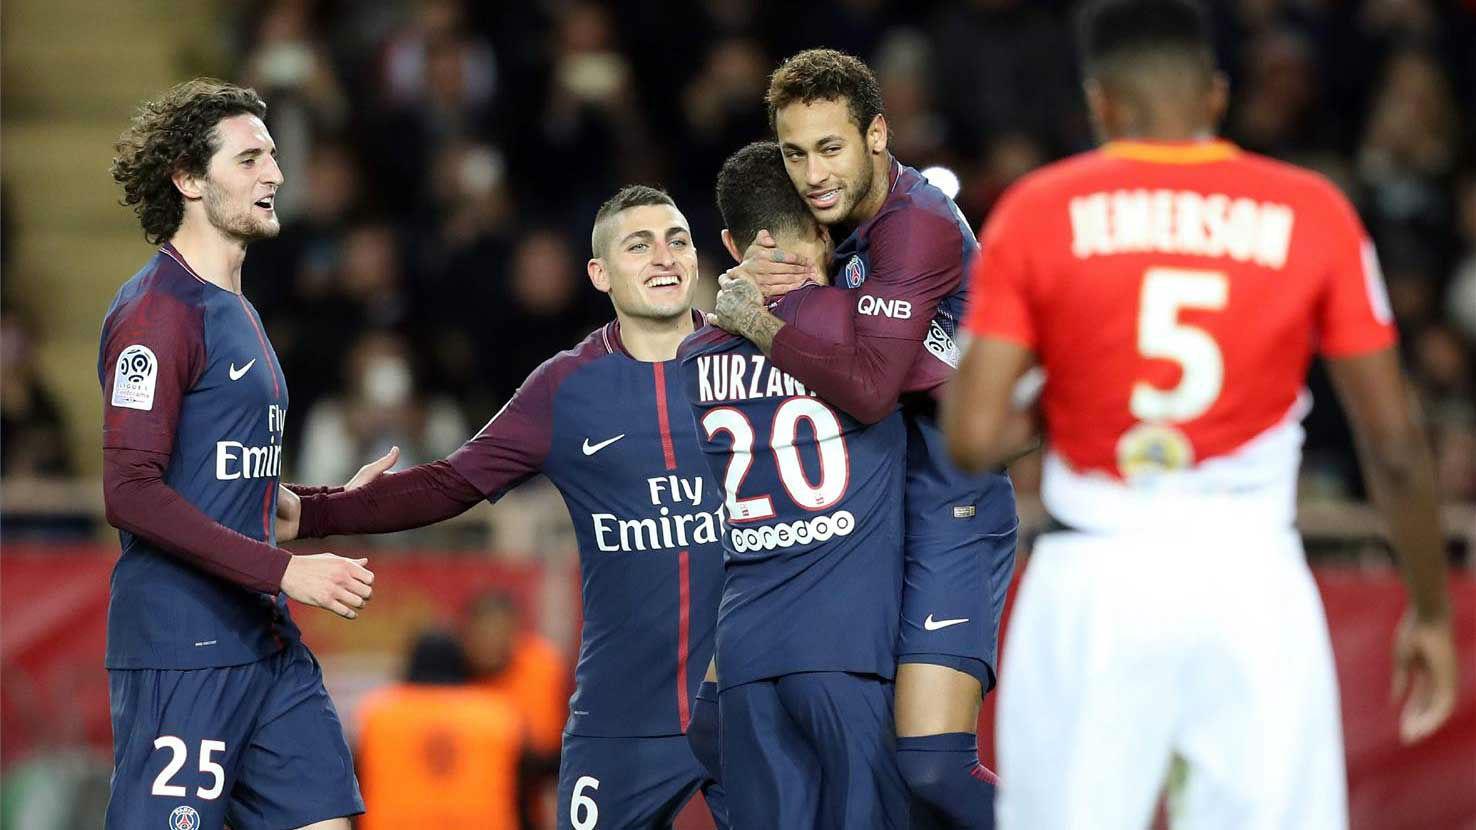 Sau vòng 14 Ligue 1: PSG quá mạnh so với phần còn lại của Ligue 1